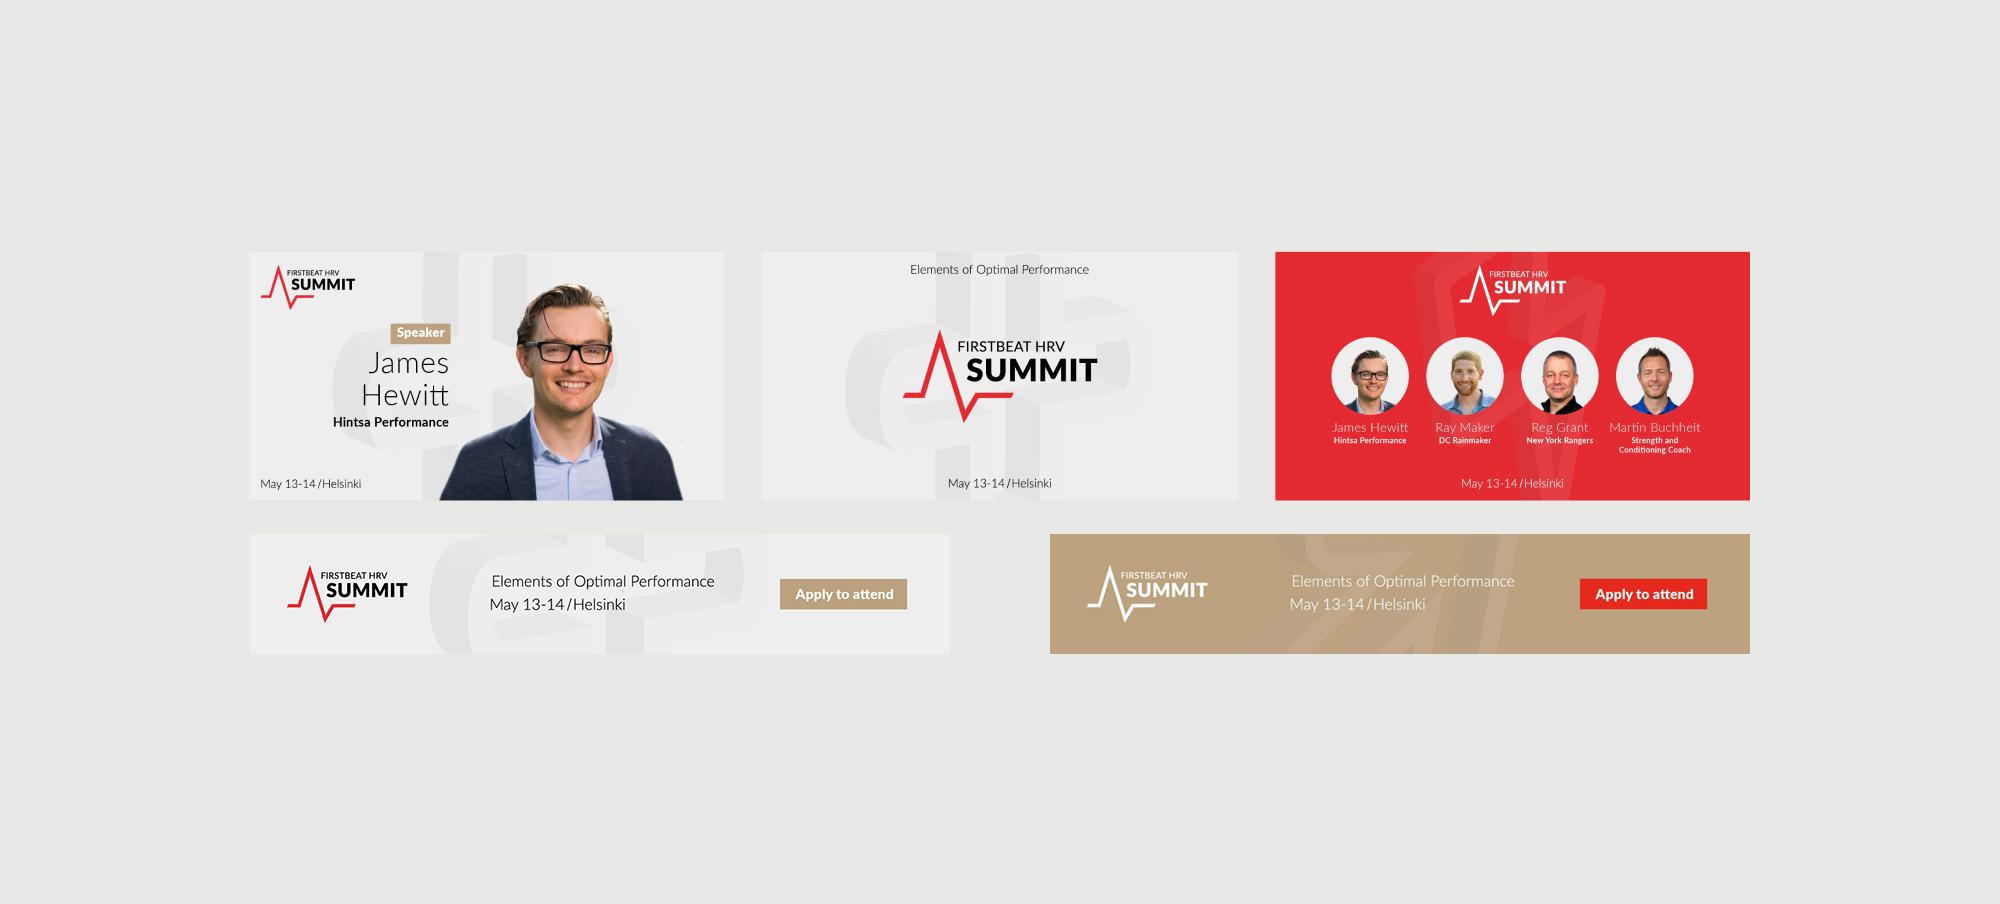 Firstbeat HRV Summit ads